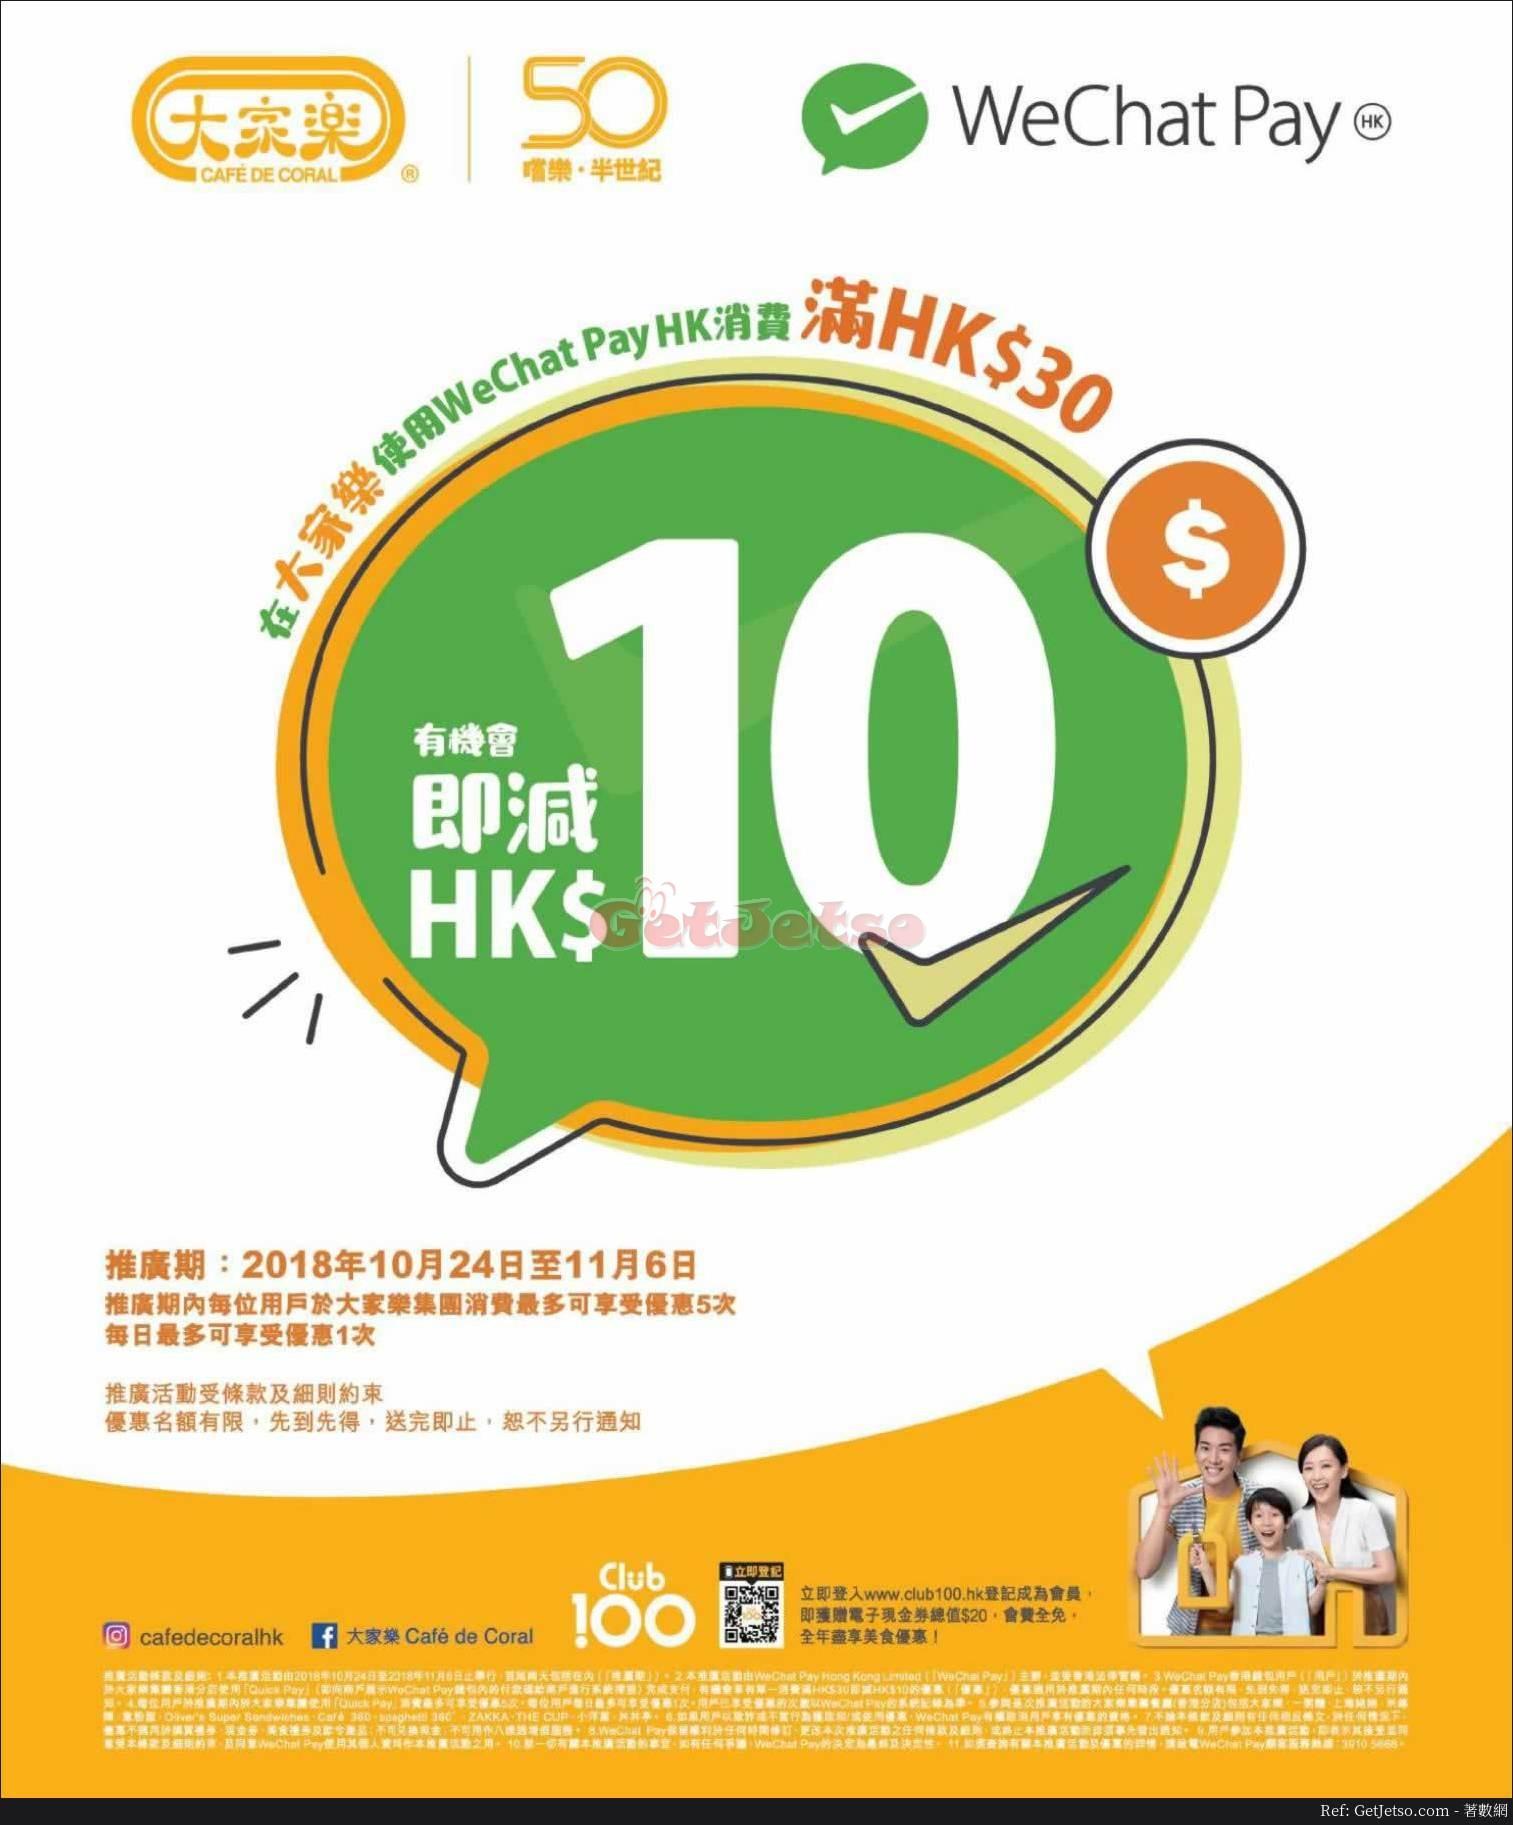 大家樂消費滿$30 即減$10優惠@WeChat Pay - Get Jetso 著數優惠網